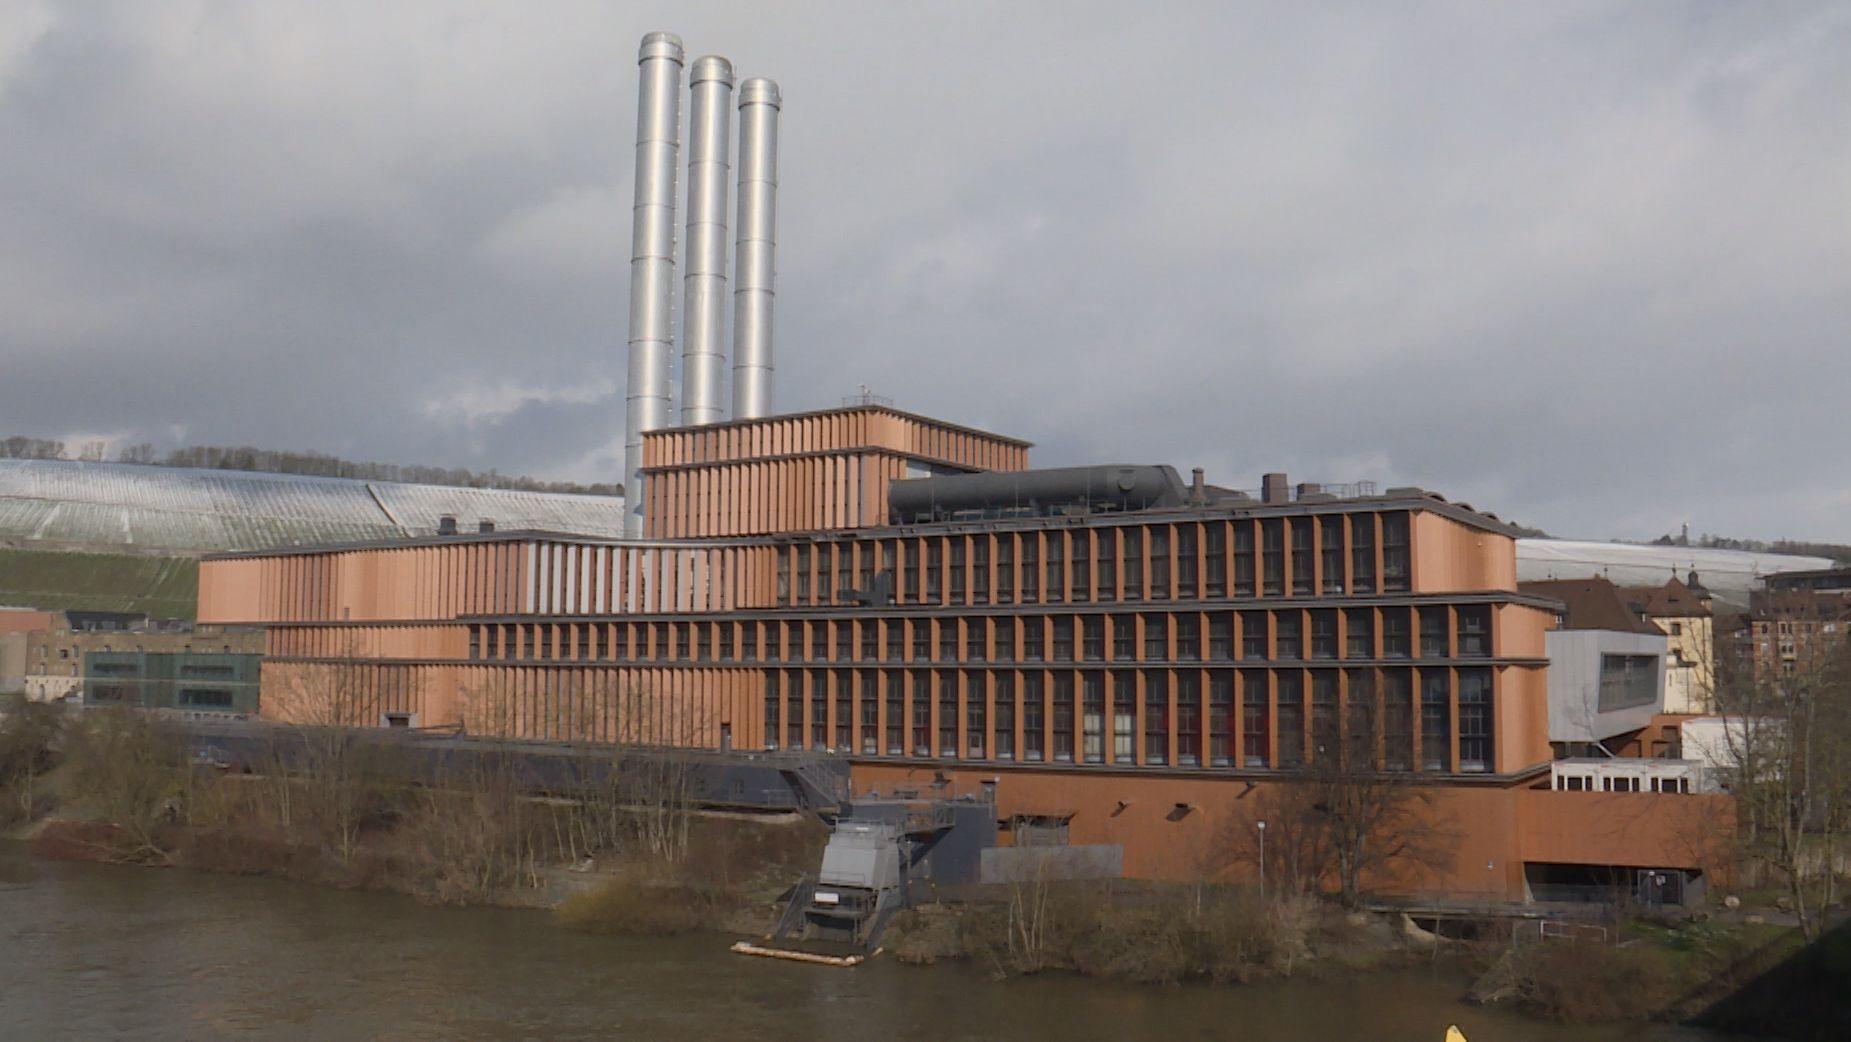 Das Würzburger Heizkraftwerk